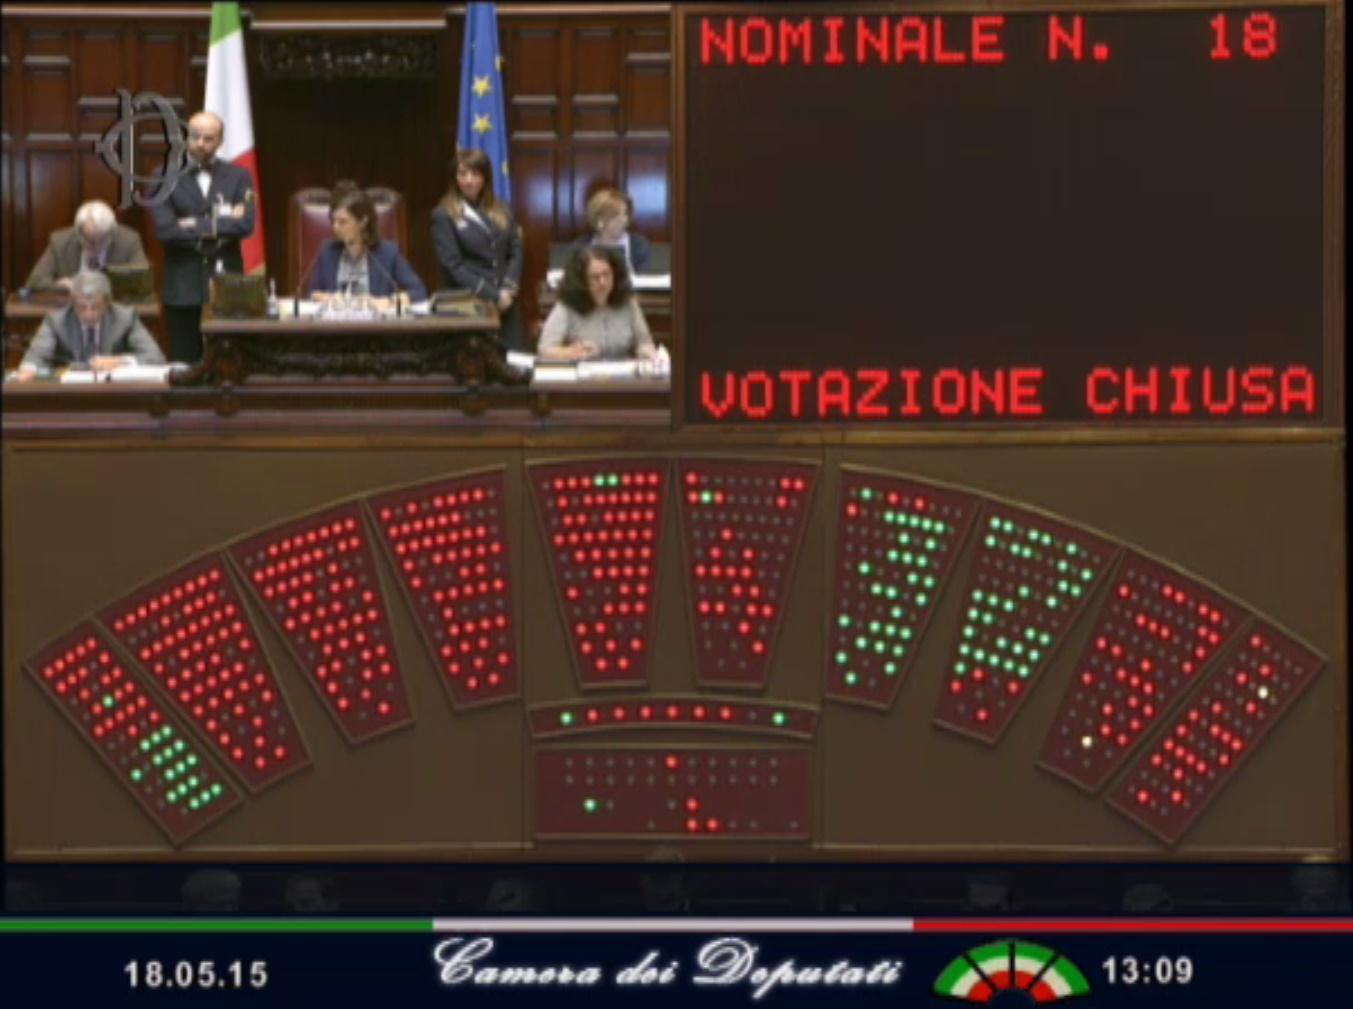 BuonaScuola-votazione1